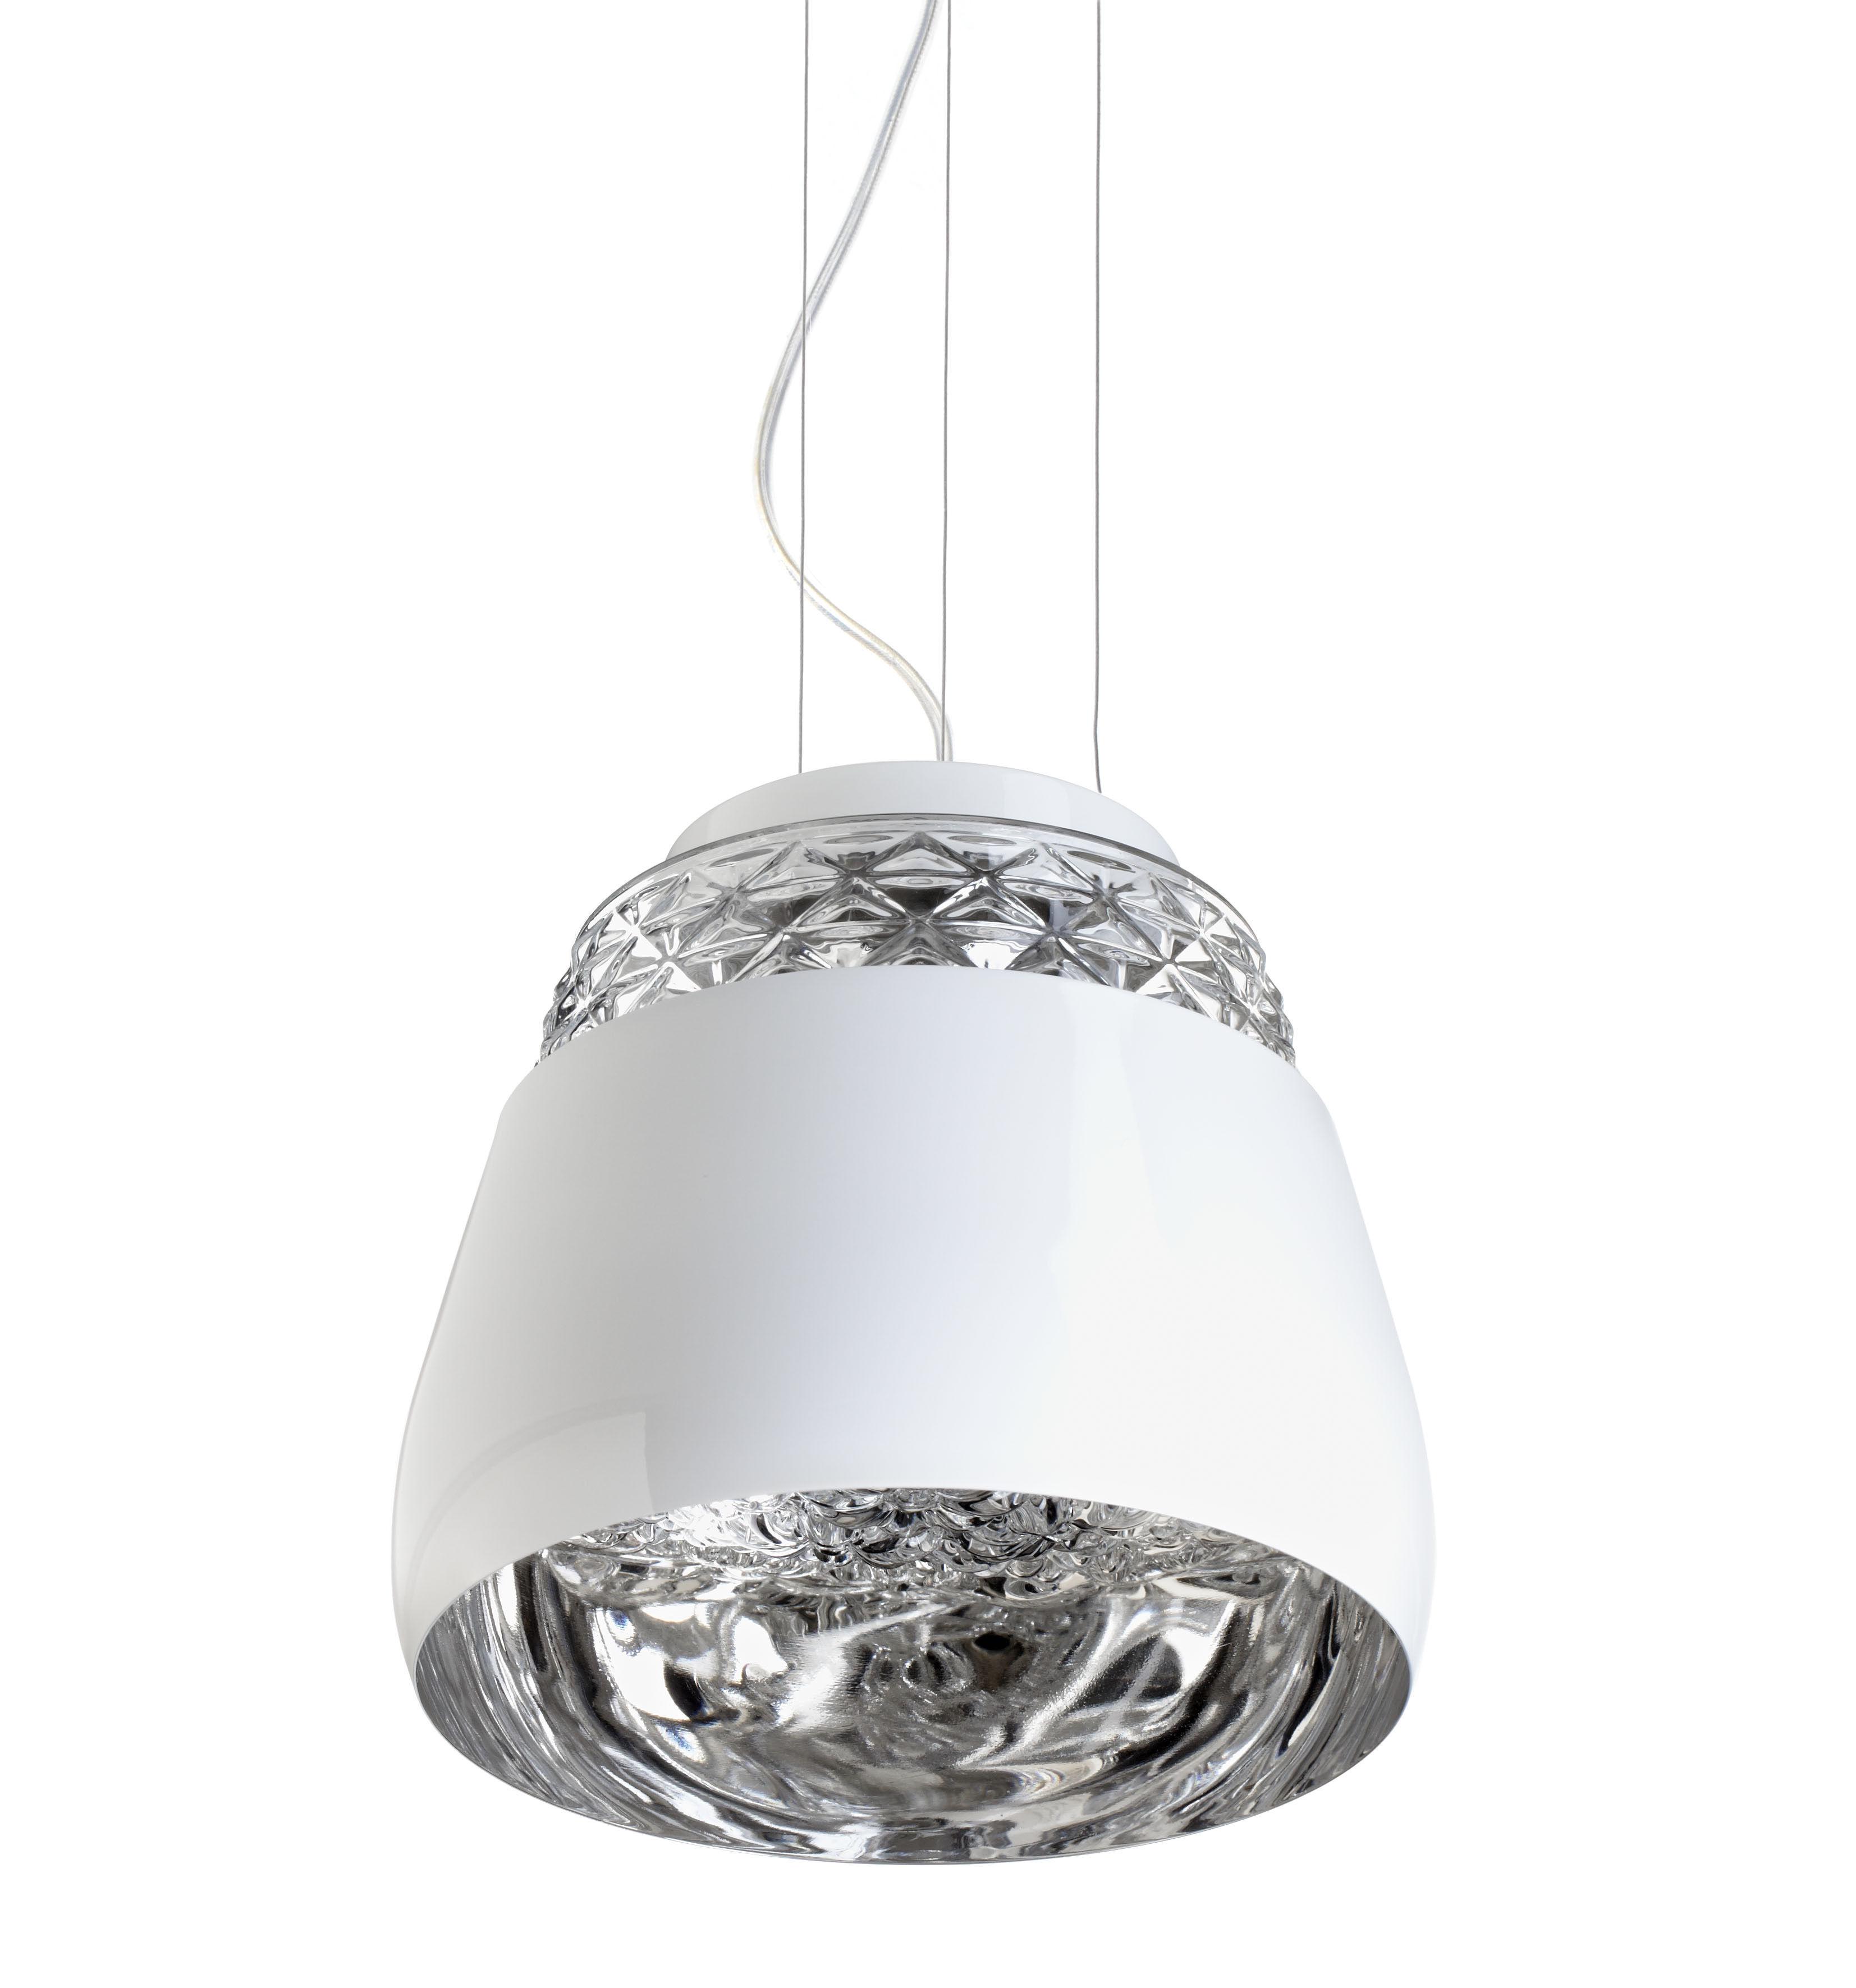 Lighting - Pendant Lighting - Valentine Baby Pendant - Ø 21 cm by Moooi - White / Chromed inside - Blown glass, Lacquered metal